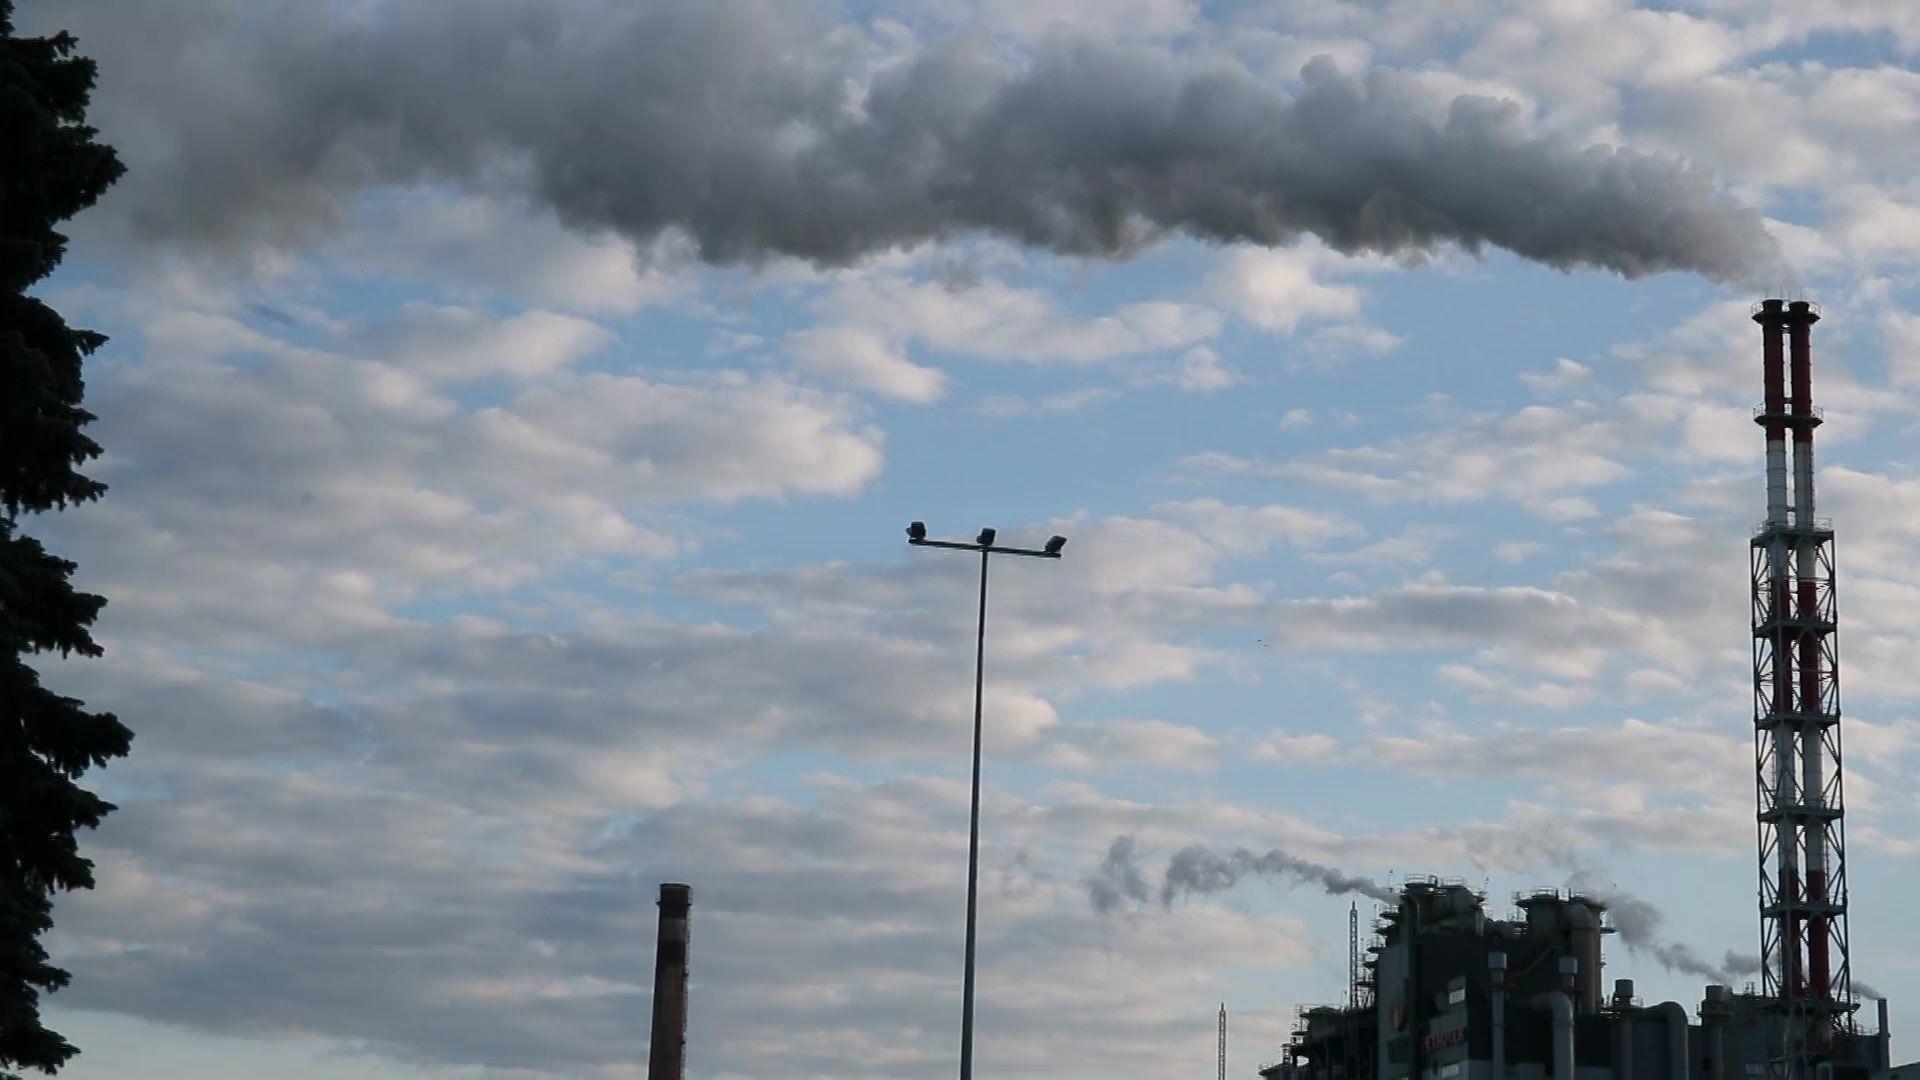 Масляный завод концерна Viru Keemia Grupi Petroter III расположен на расстоянии нескольких километров, а магистральная канава Вахтсеппа и река Кохтла рядом. ФОТО: Remo Tõnismäe